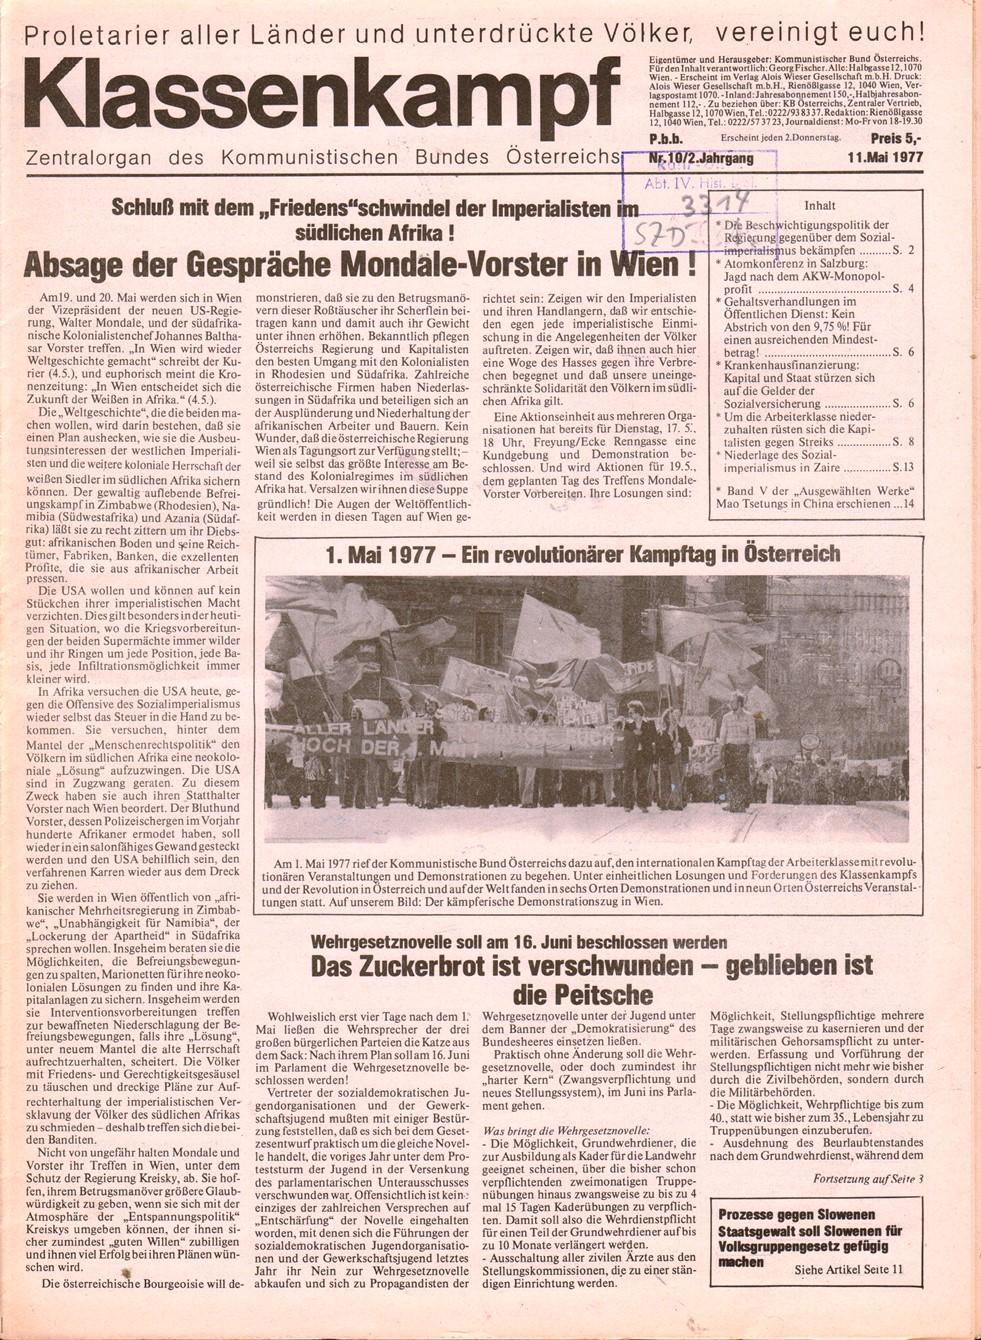 KBOe_Klassenkampf_1977_10_01